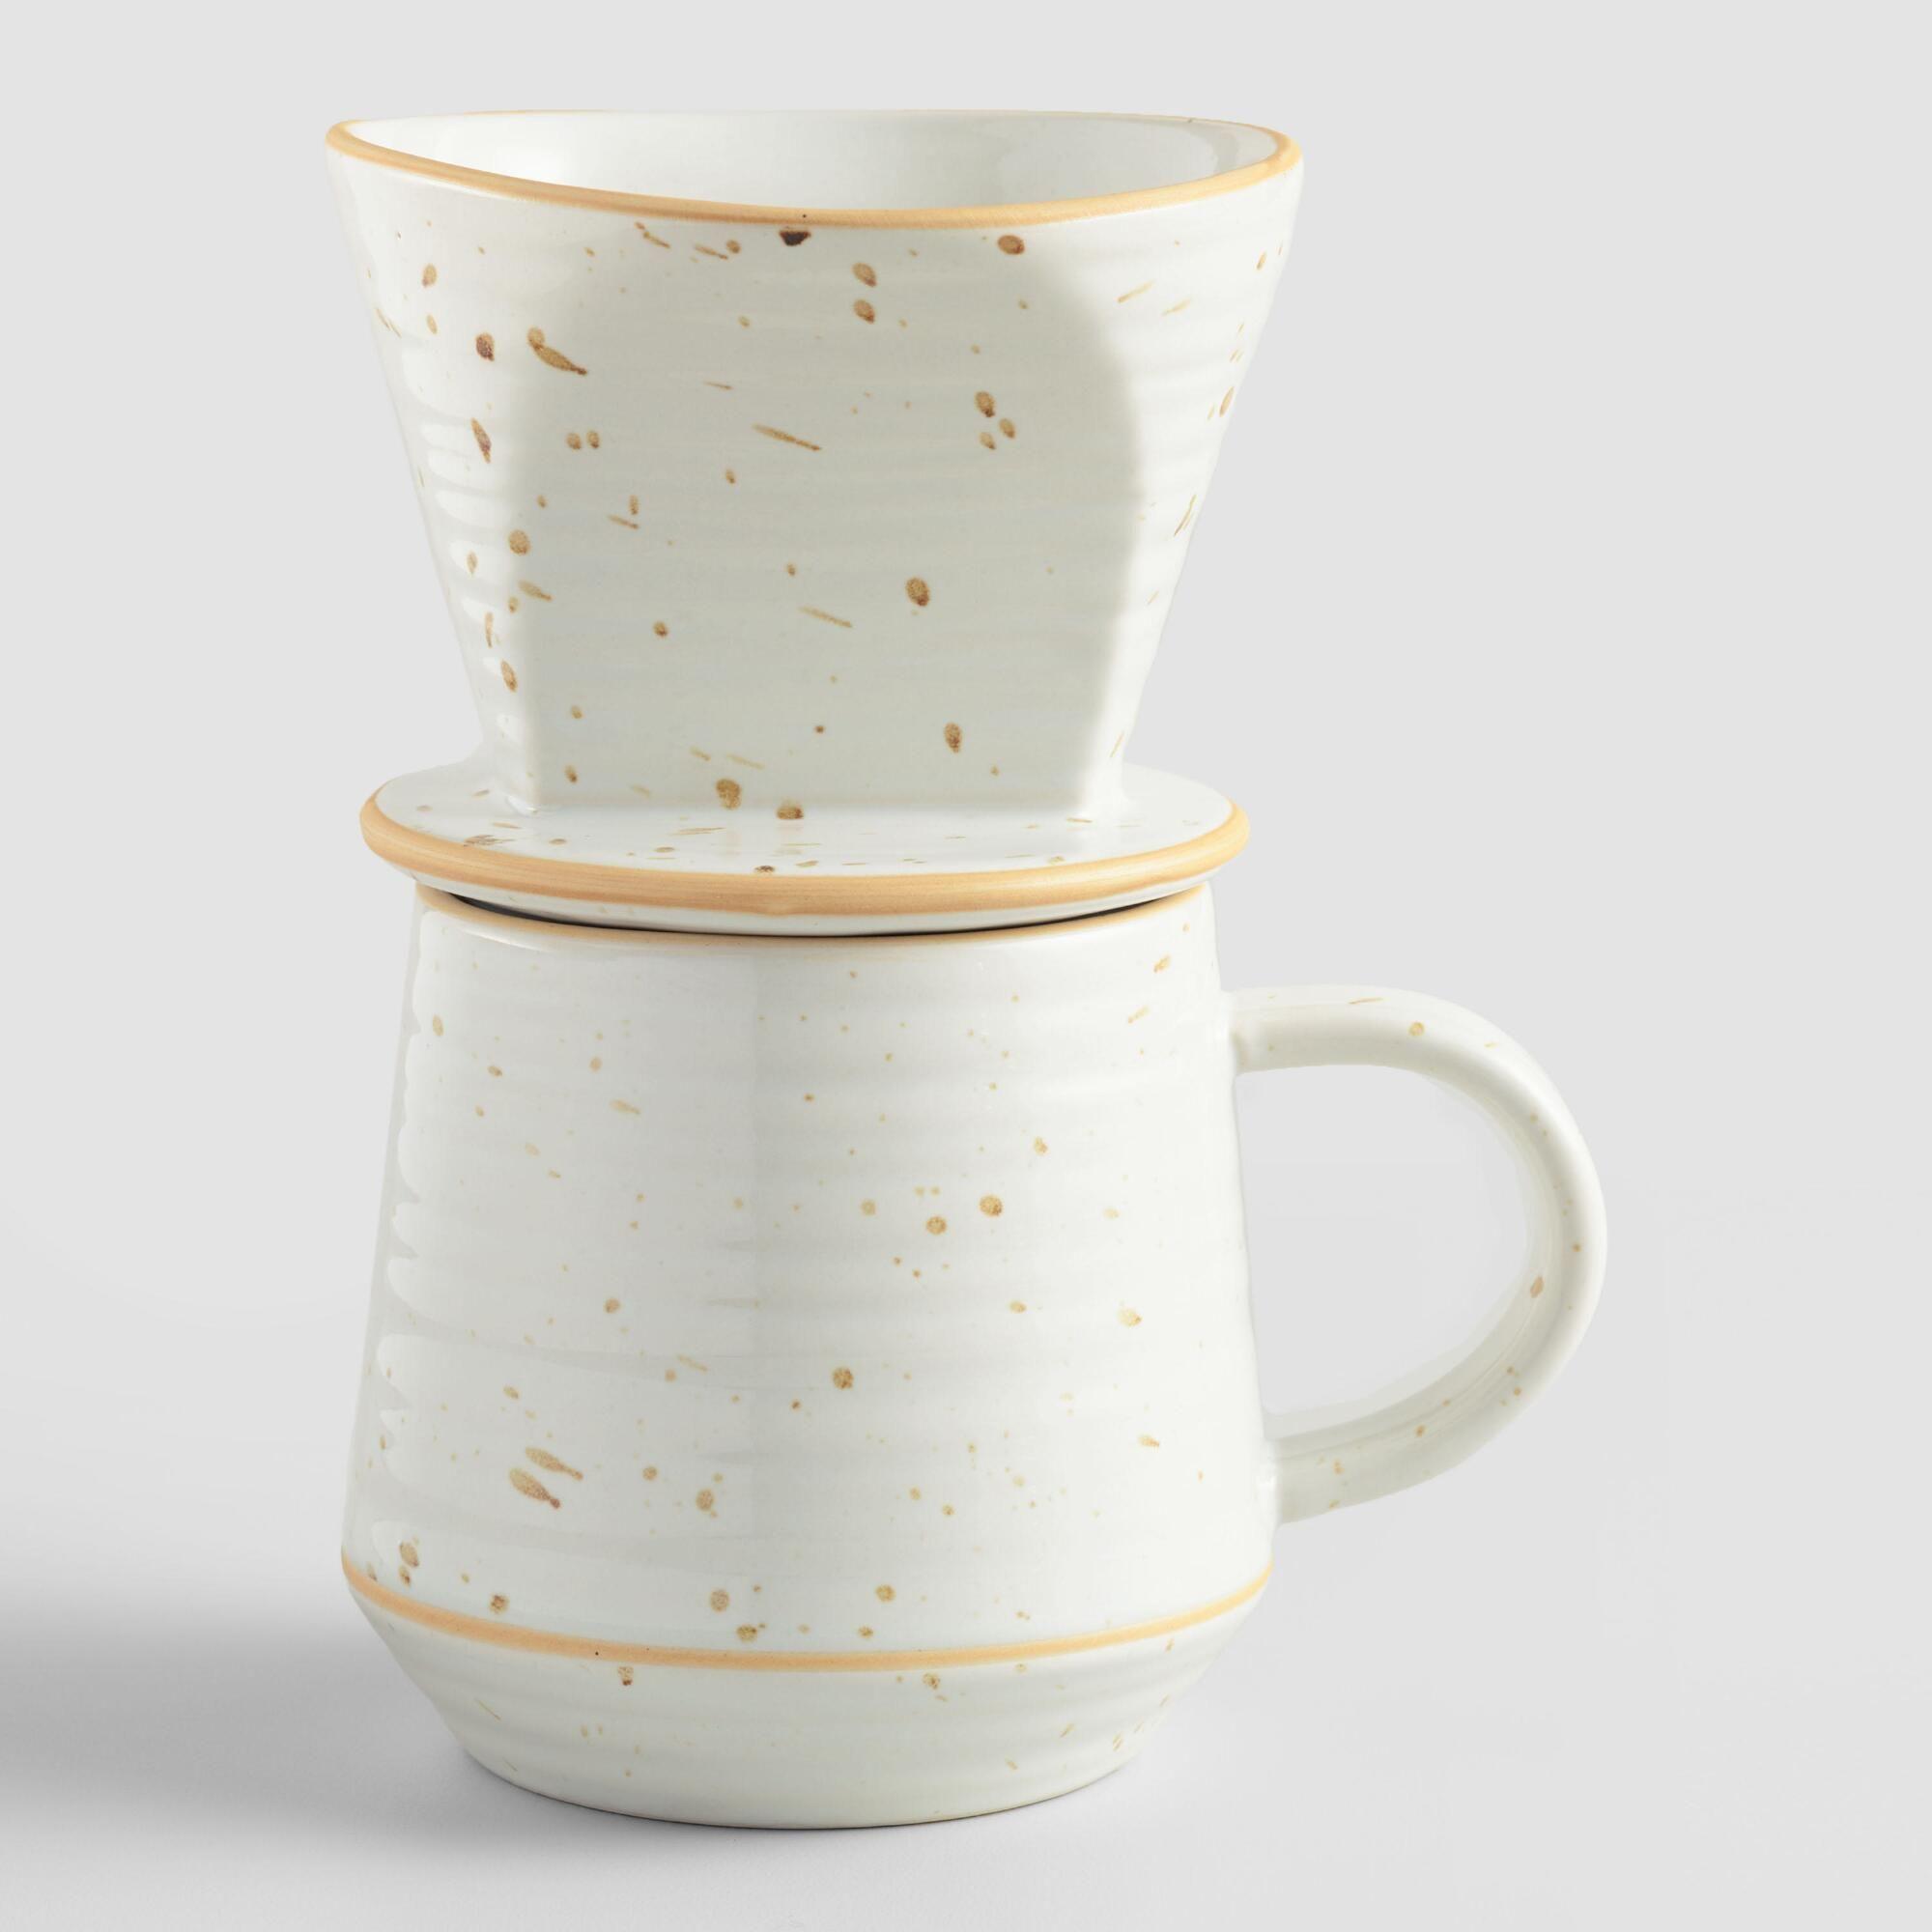 White Speckled Ceramic Pour Over Coffee Mug Set Coffee